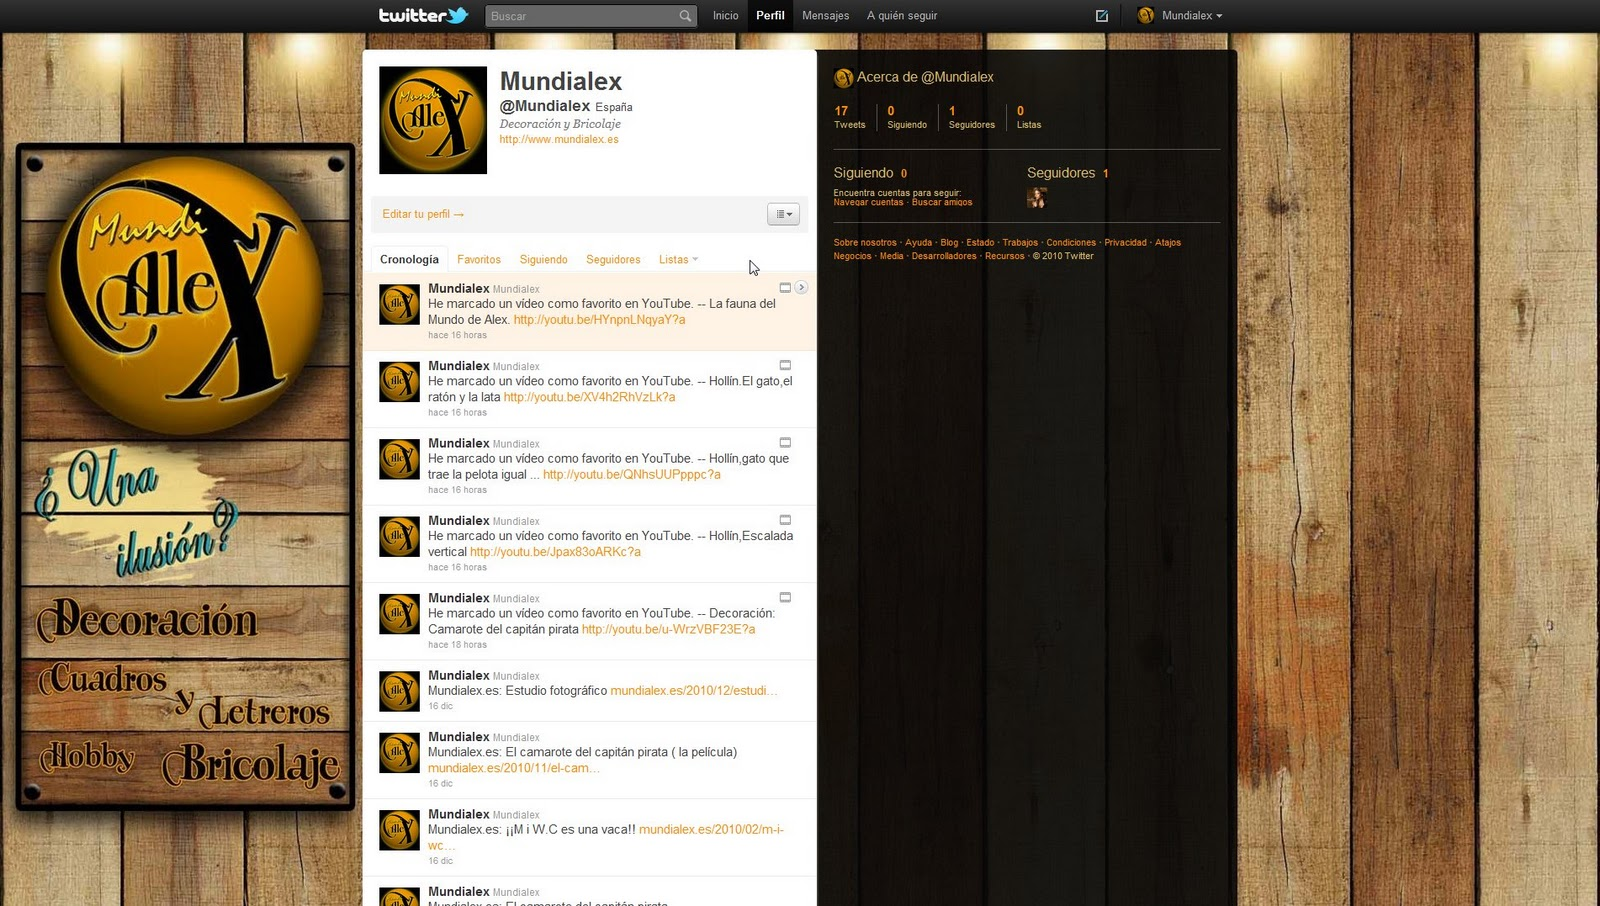 Mundialex bricolaje y decoraci n mundialex en youtube facebook y twitter - Bricolaje y decoracion ...